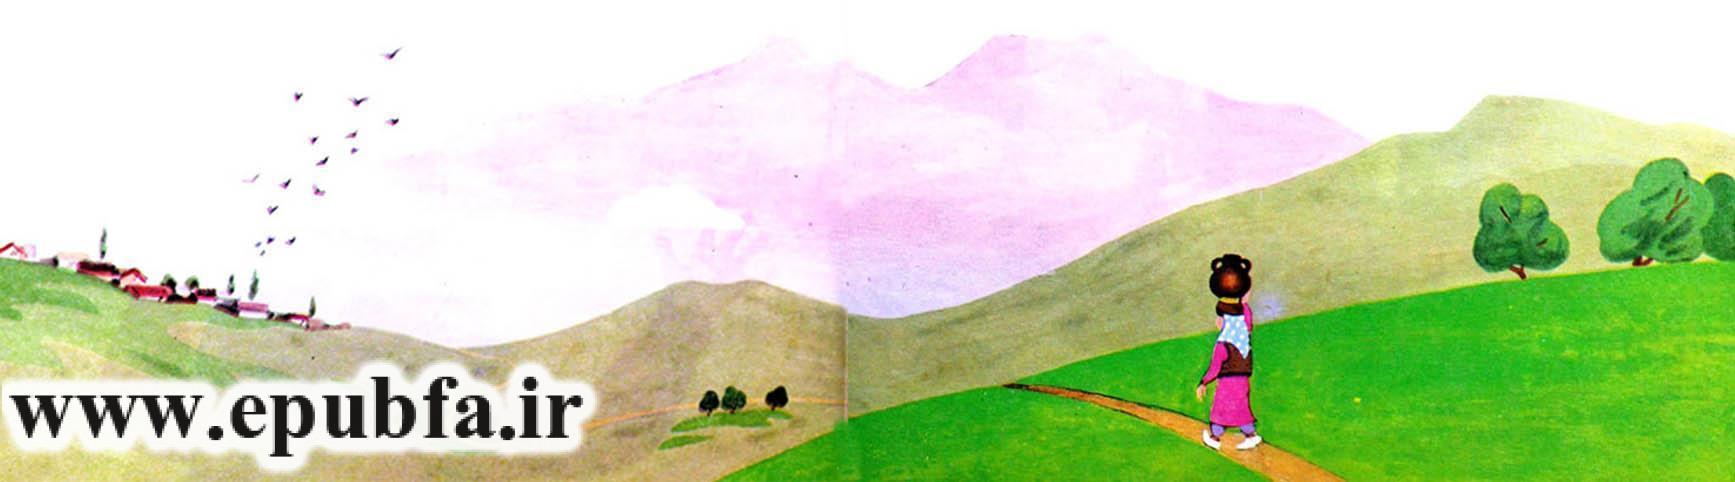 قصه کودکانه دختر خیالباف نوشته ازوپ یونانی-قصه تصویری کودکان ایپابفا10